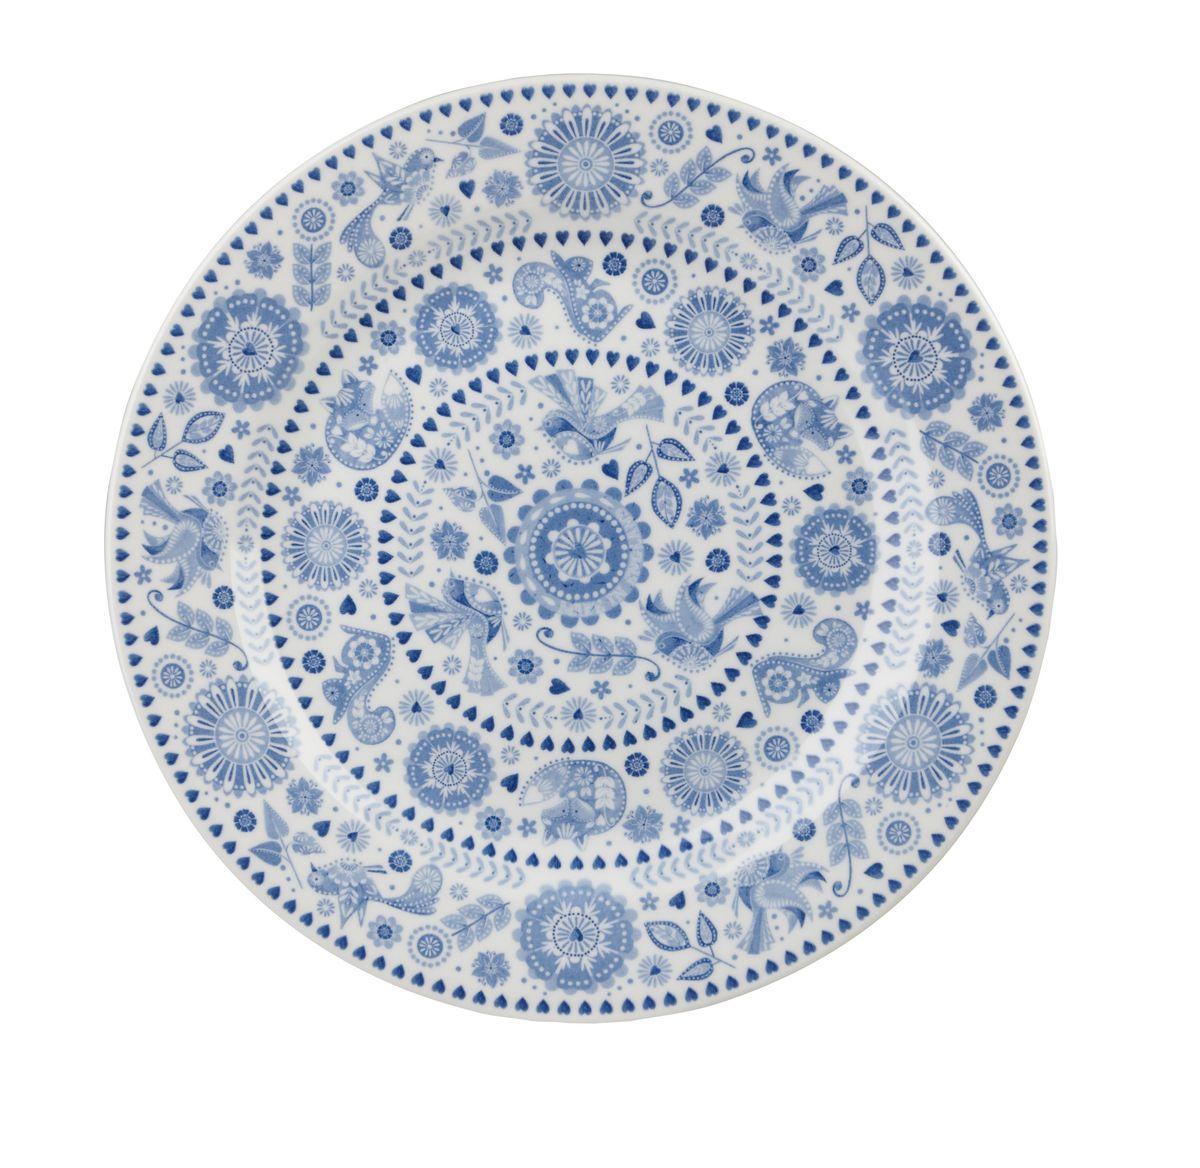 Тарелка десертная Churchill Пензанс, диаметр 20 см. PENZ00161PENZ00161Тарелка Churchill Пензанс выполнена из высококачественного фаянса и украшена оригинальным узором. Такая тарелка отлично подойдет для подачи различных десертов. Коллекция Penzance - классическое сочетание синего и белого с народным дизайном. Можно мыть в посудомоечной машине. Можно использовать в микроволновой печи.